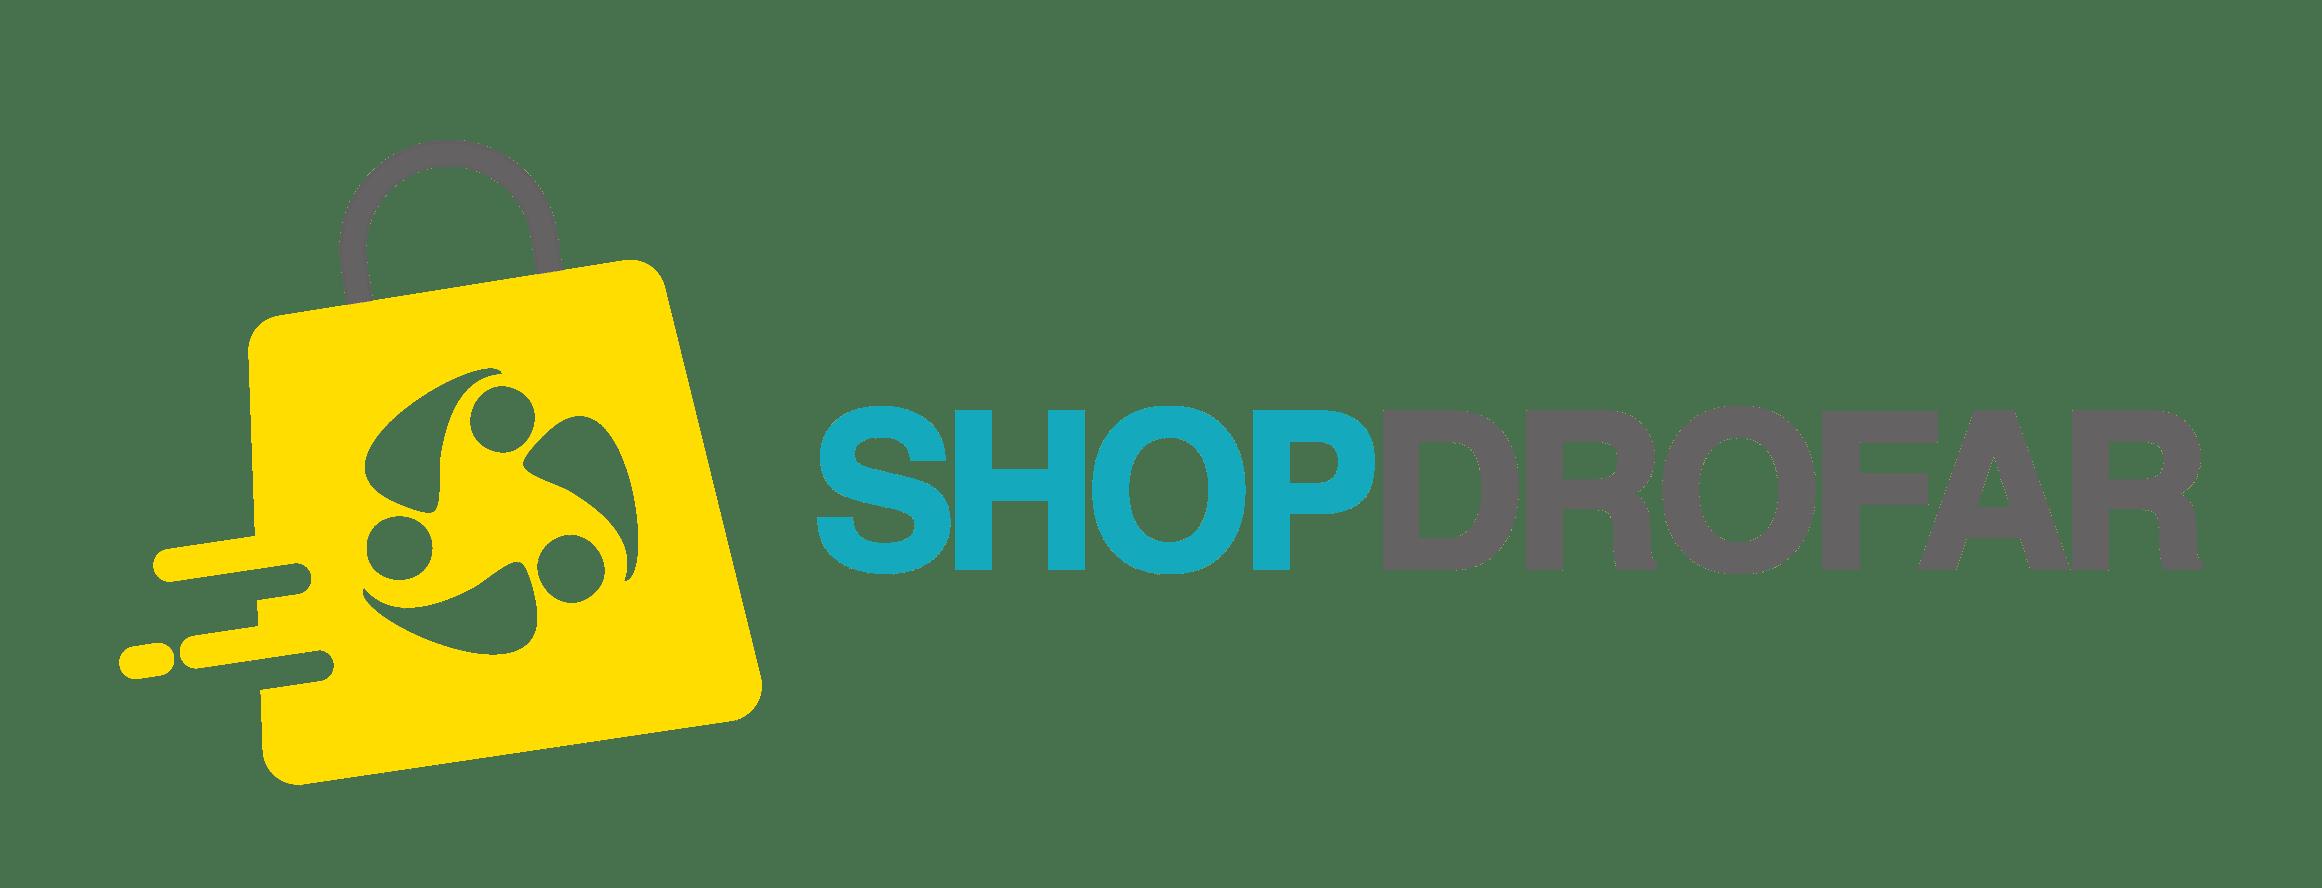 Shopdrofar